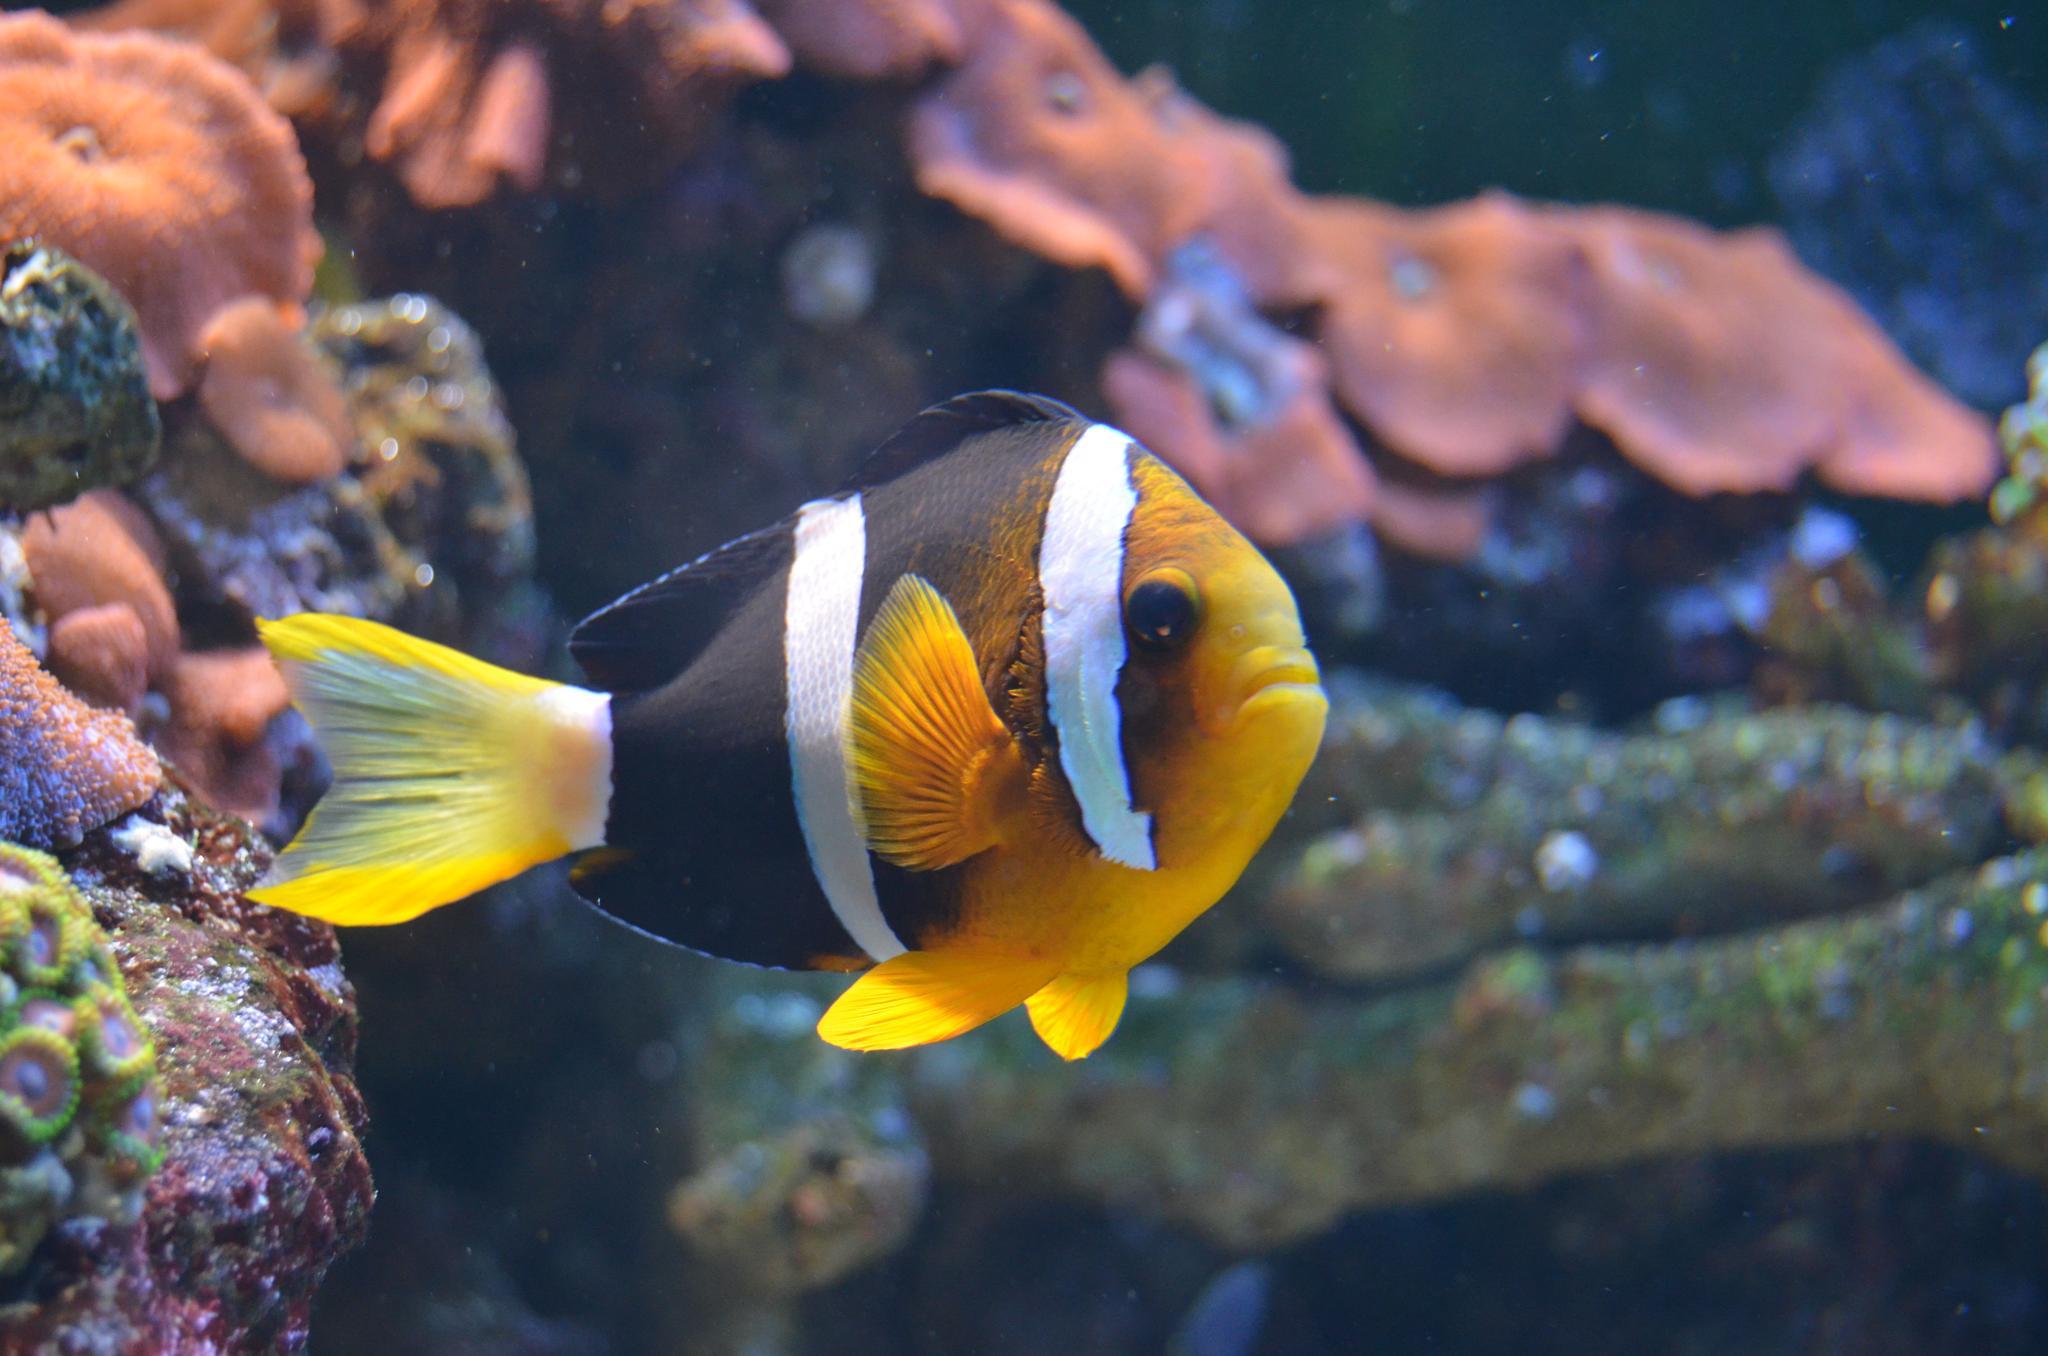 fish by tuba.sahiner